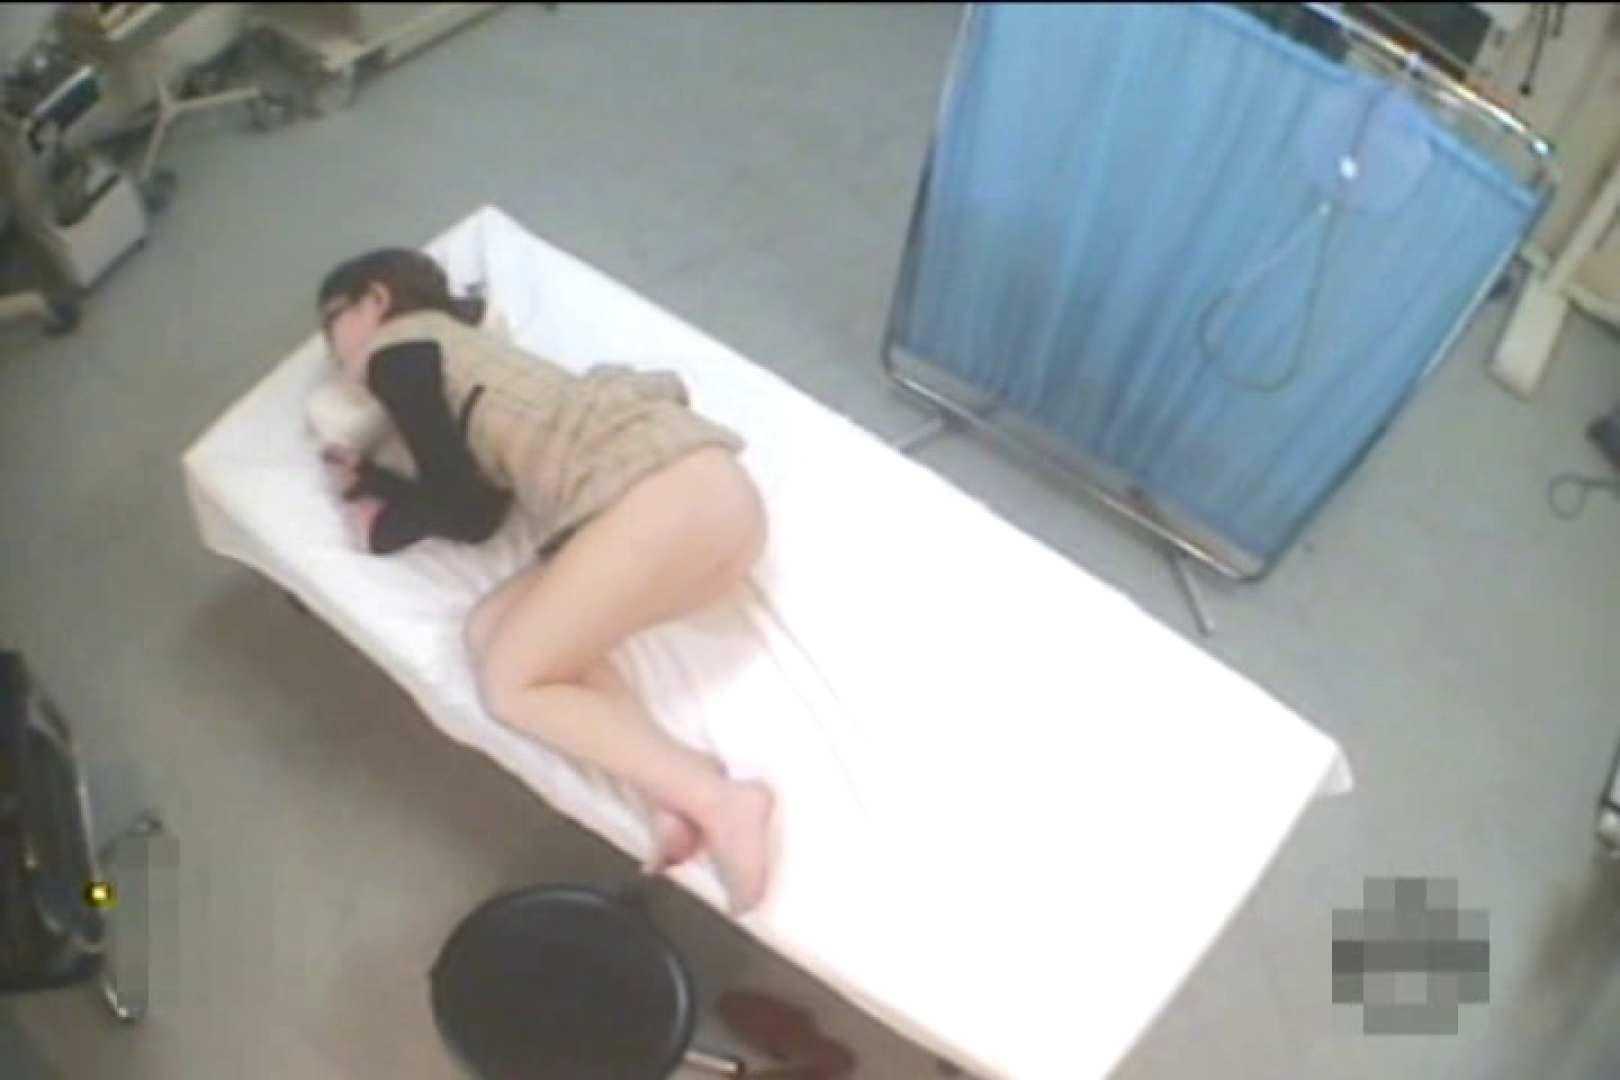 逆噴射病院 肛門科Vol.6 洗面所はめどり オマンコ動画キャプチャ 89画像 39